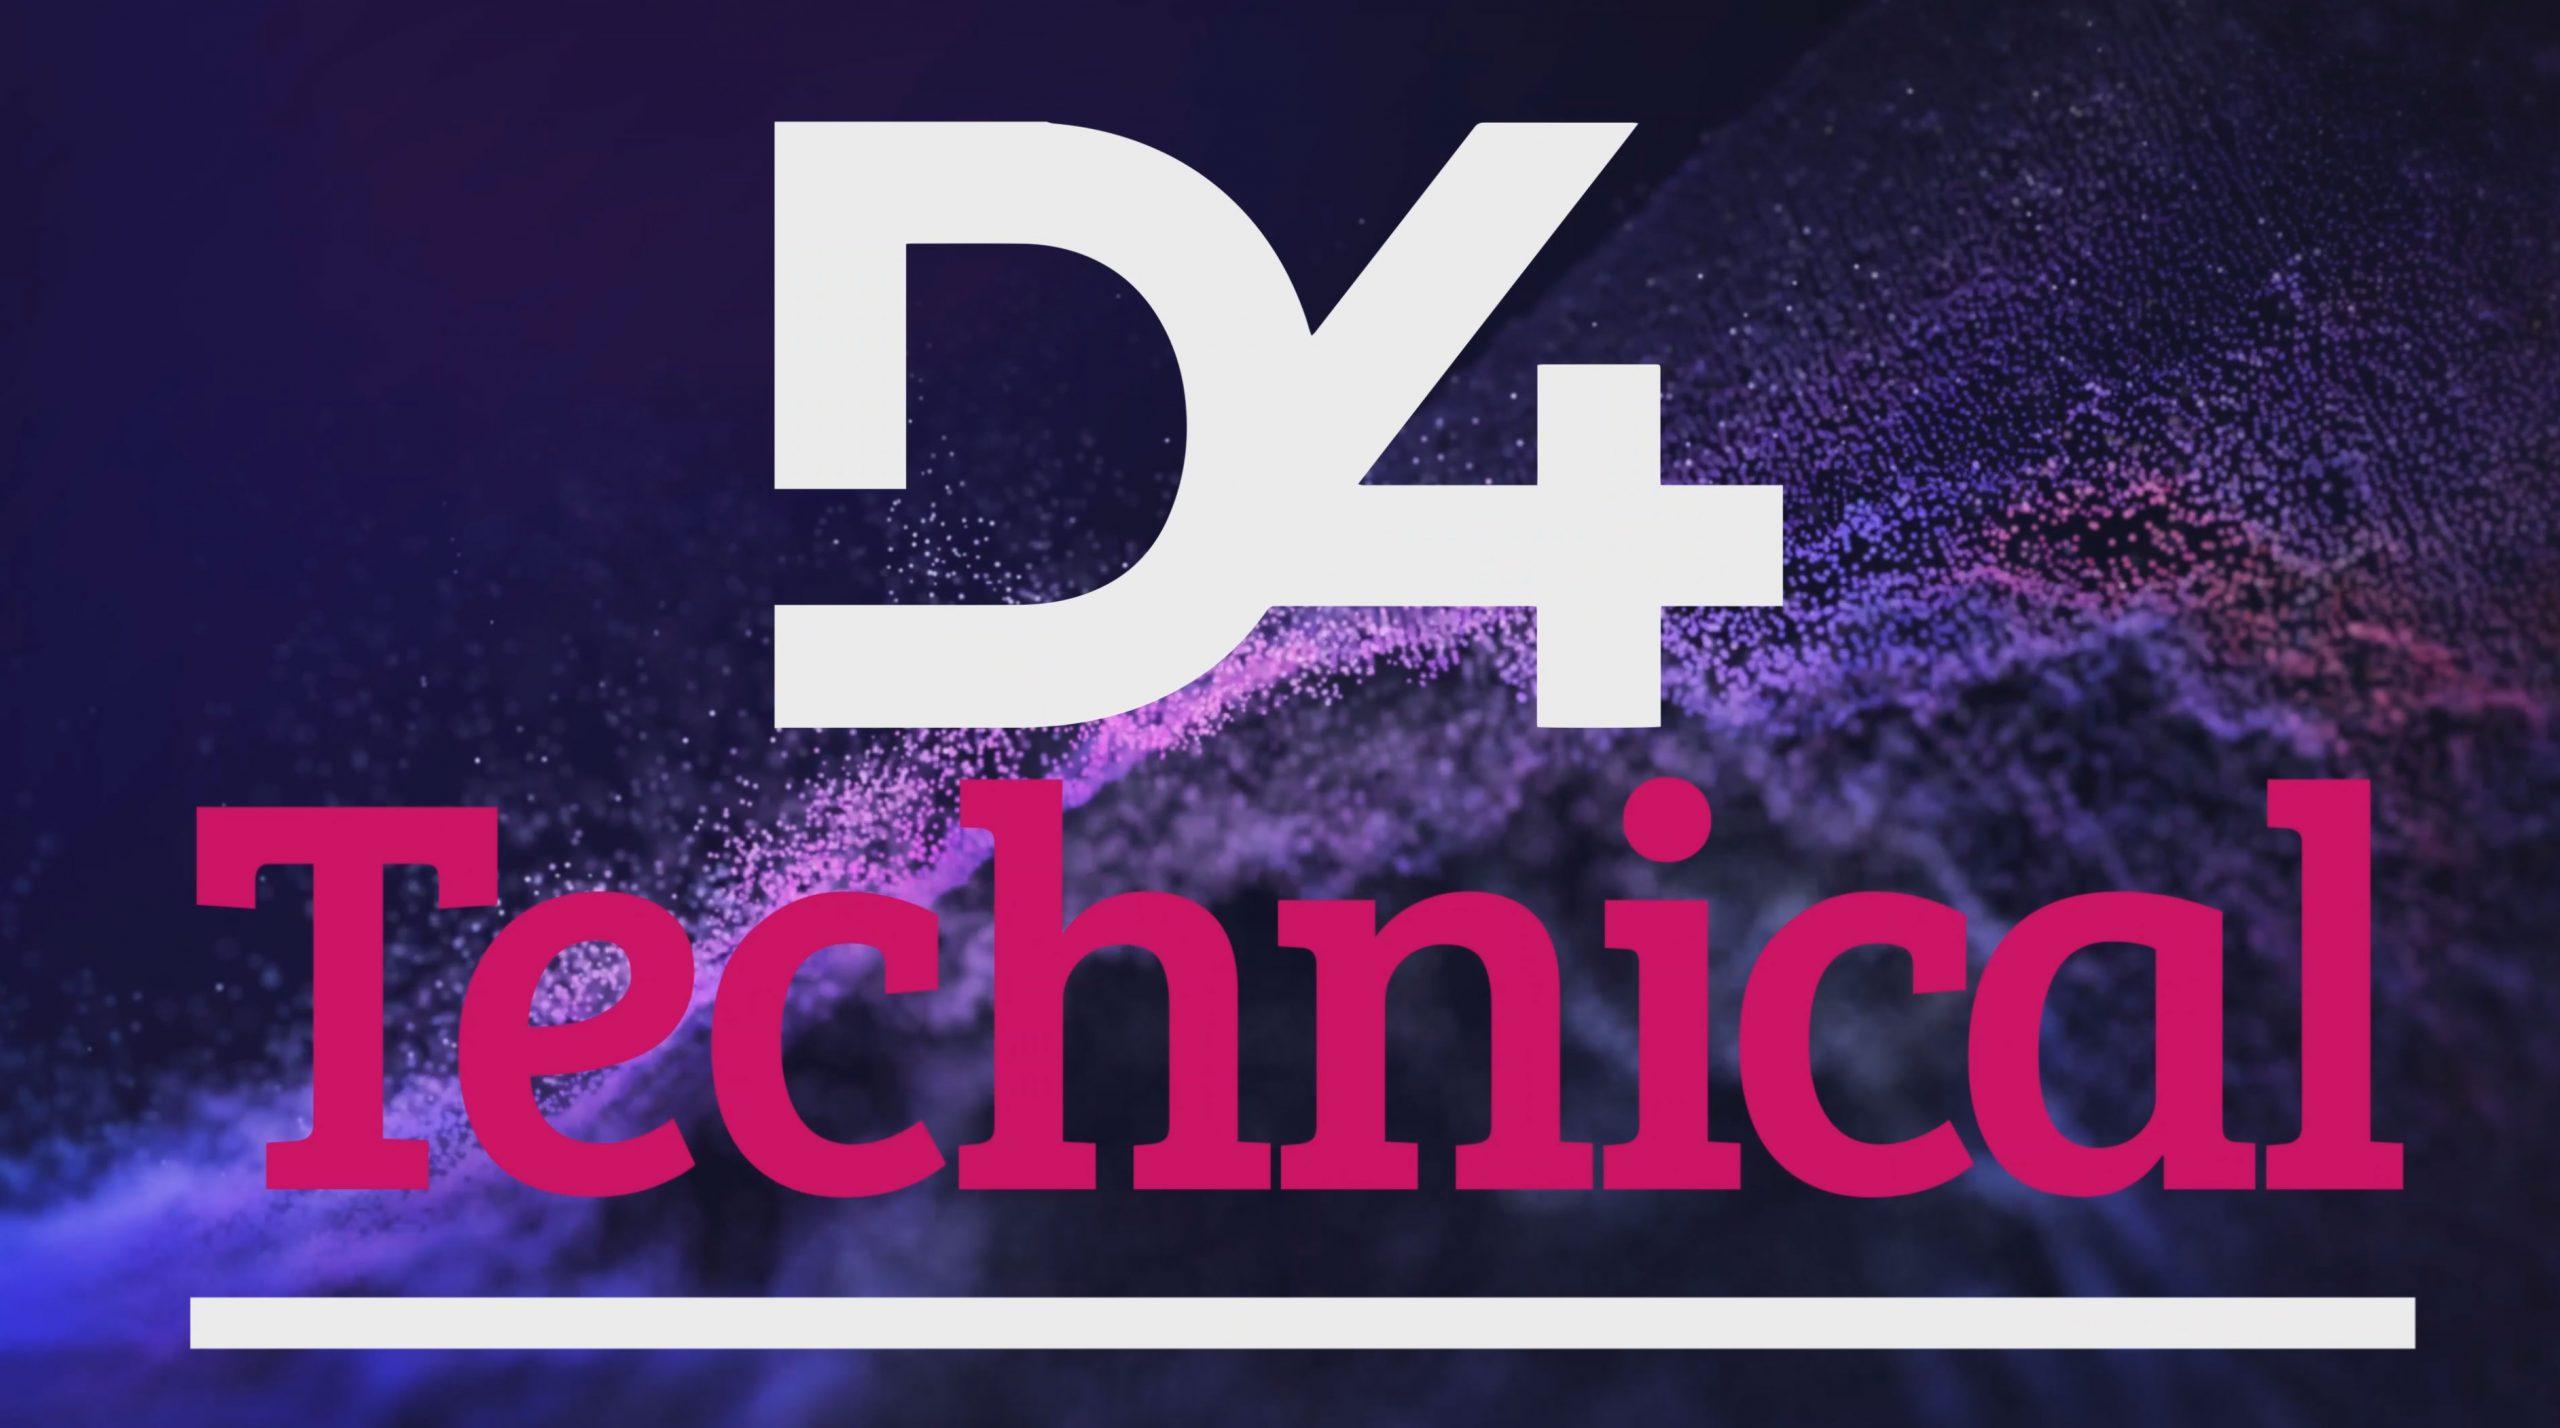 D4 Technical logo